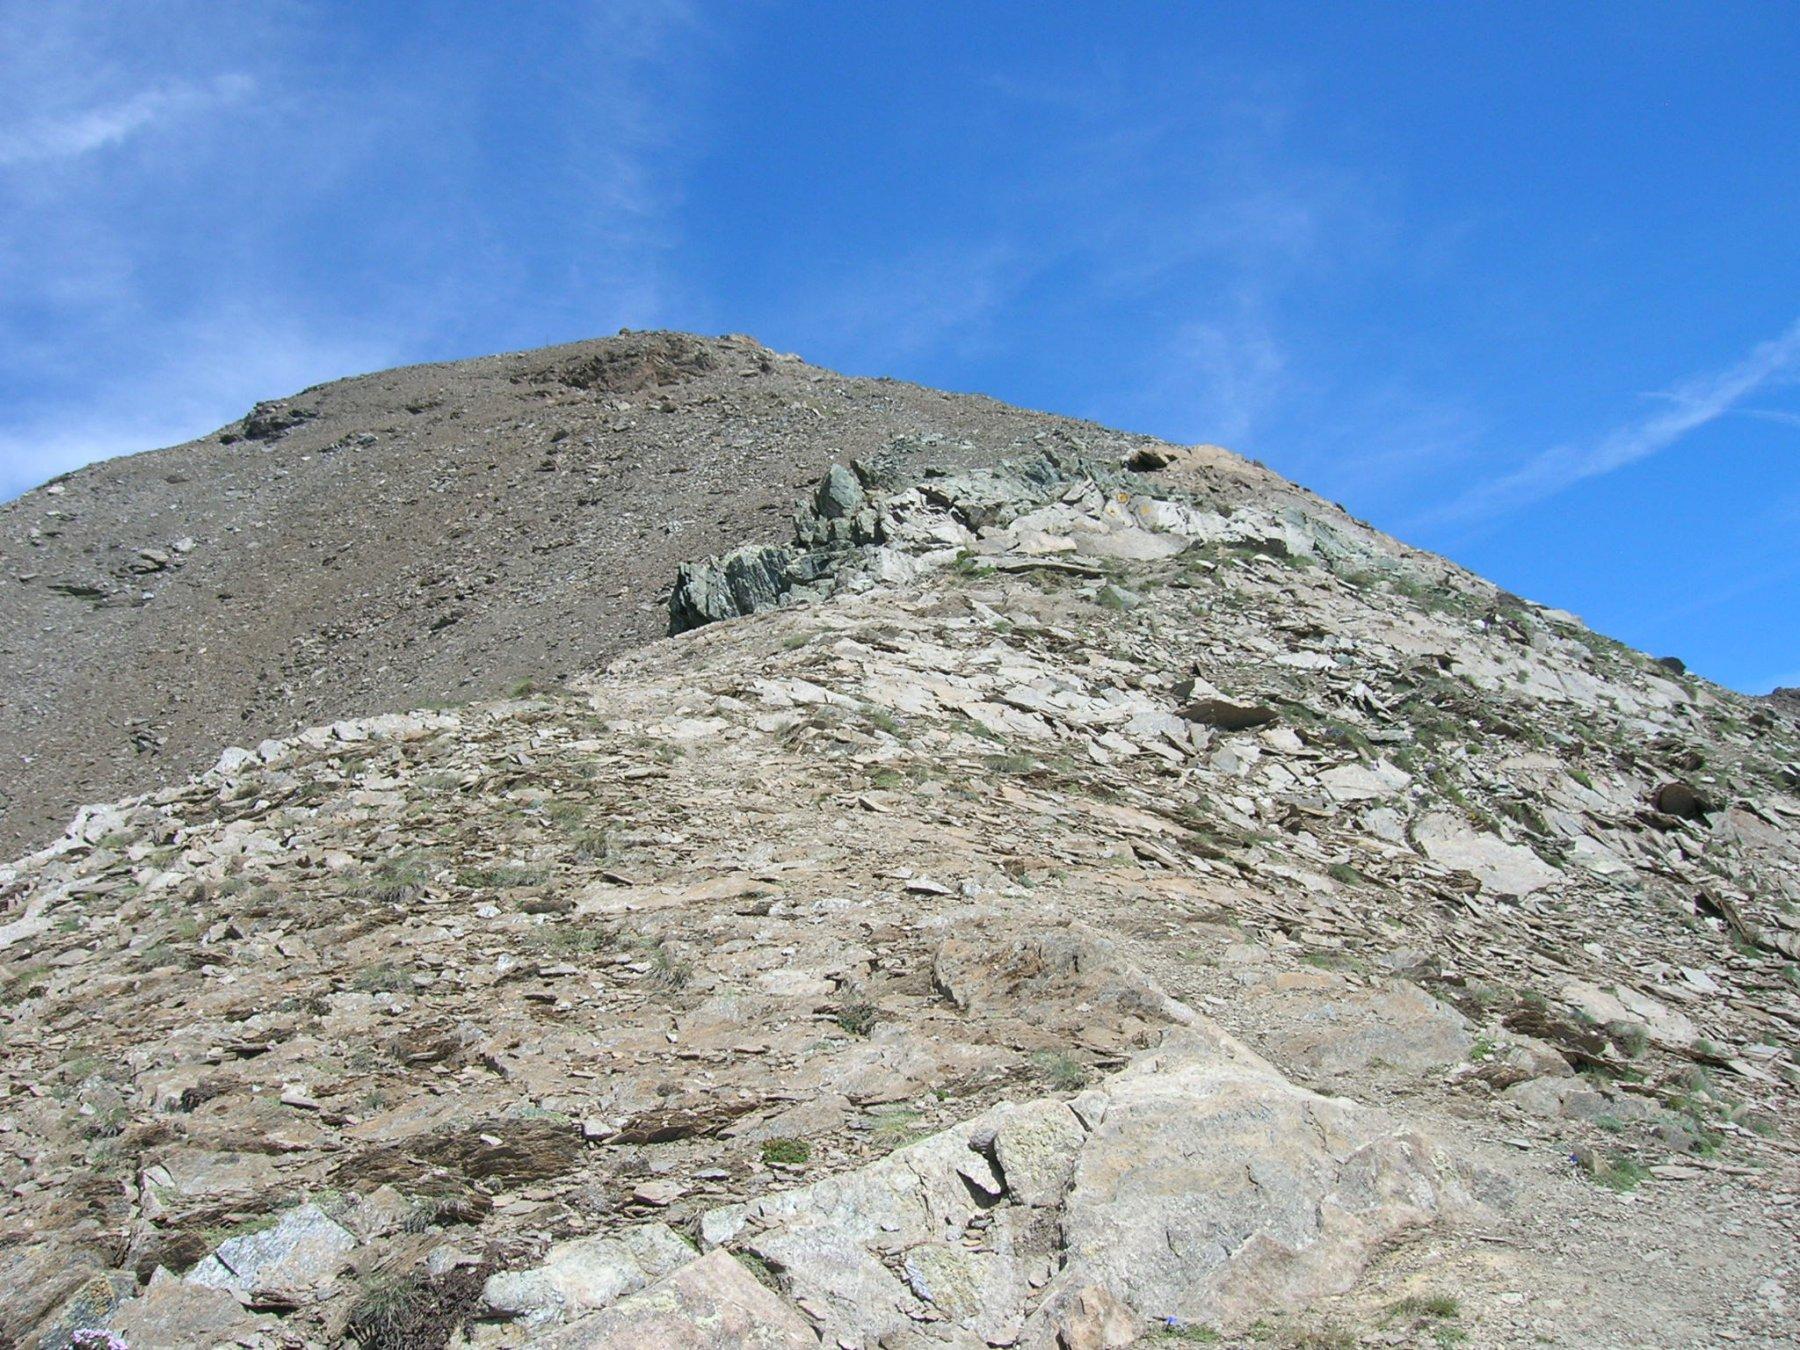 Creya (Mont) da Lillaz 2016-07-07